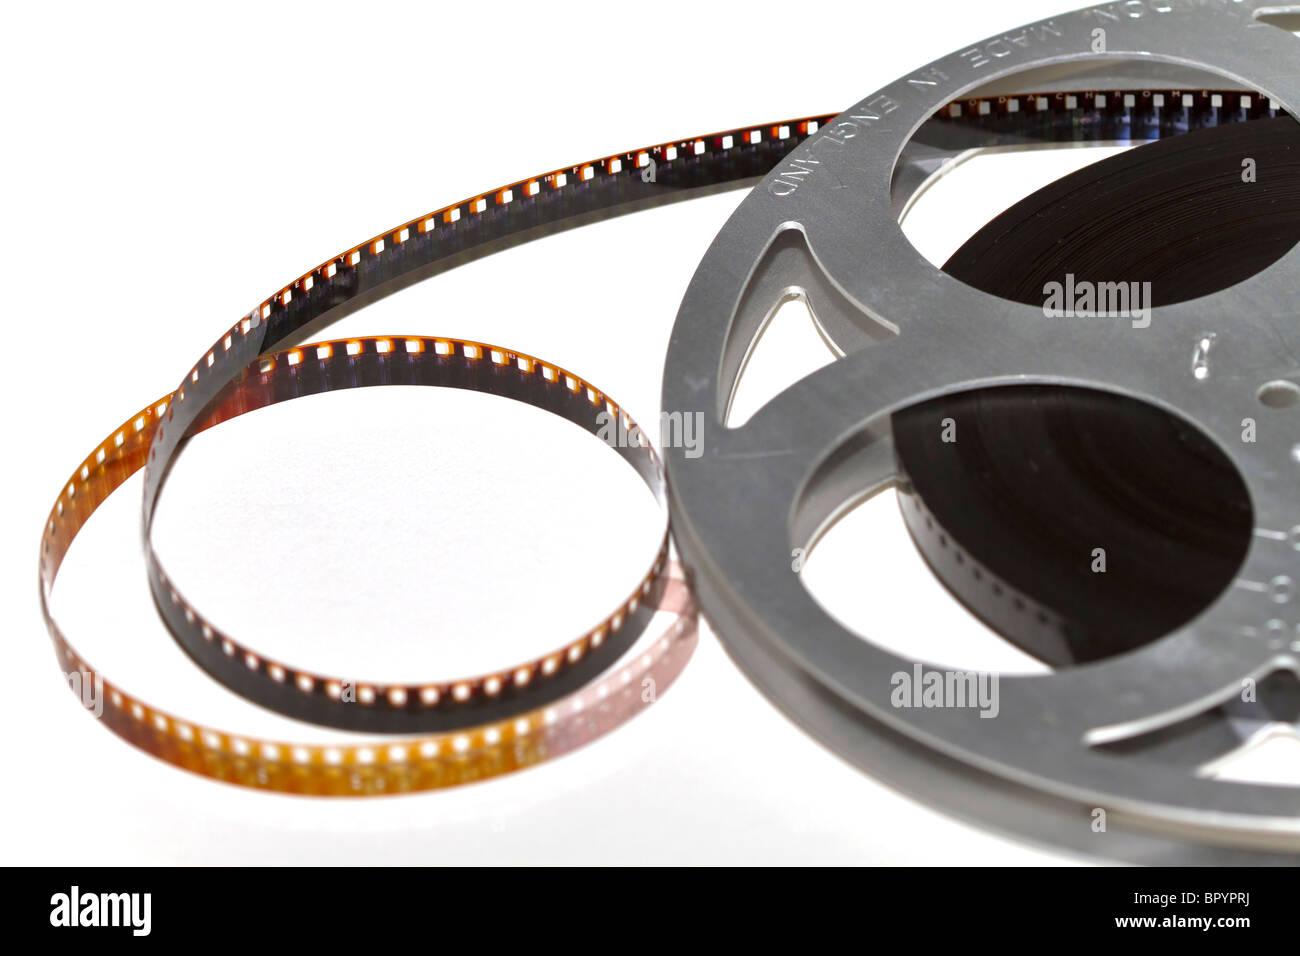 Reel of movie film Stock Photo